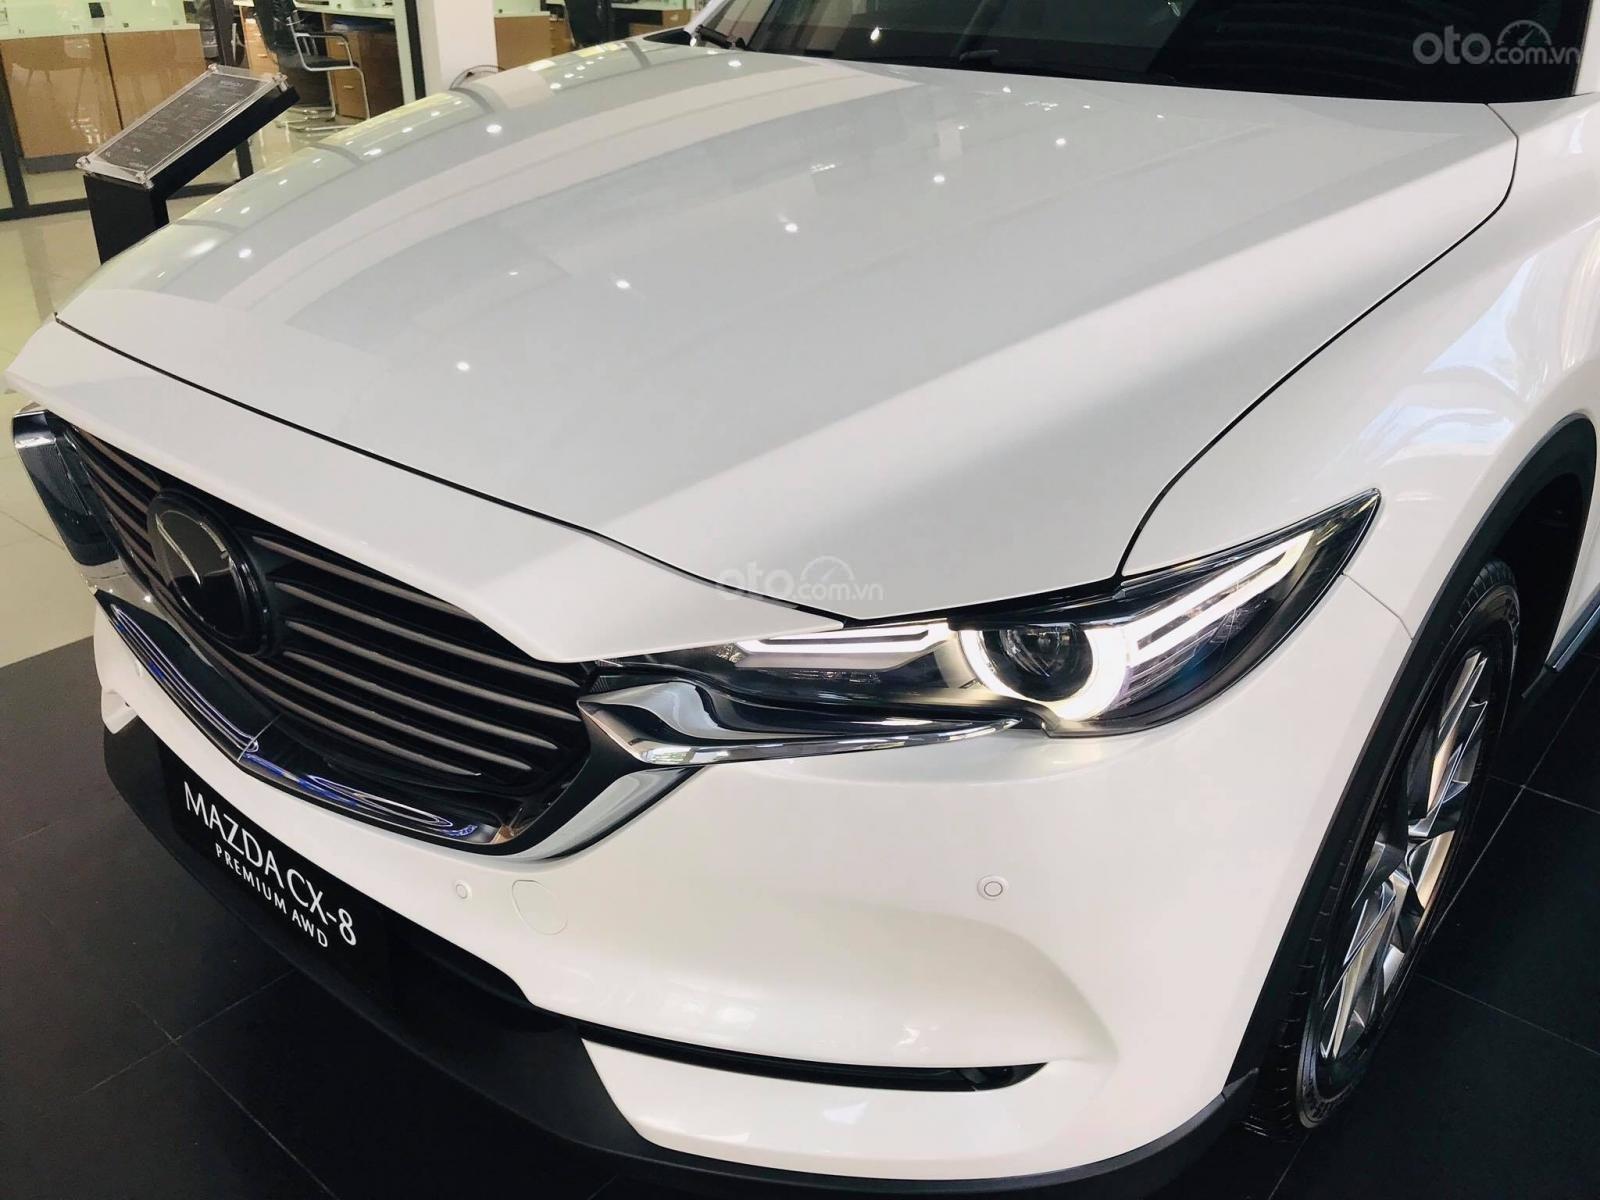 Cần bán nhanh chiếc xe Mazda CX-8 Premium AWD năm sản xuất 2019, màu trắng - Giao xe tận nhà miễn phí (3)